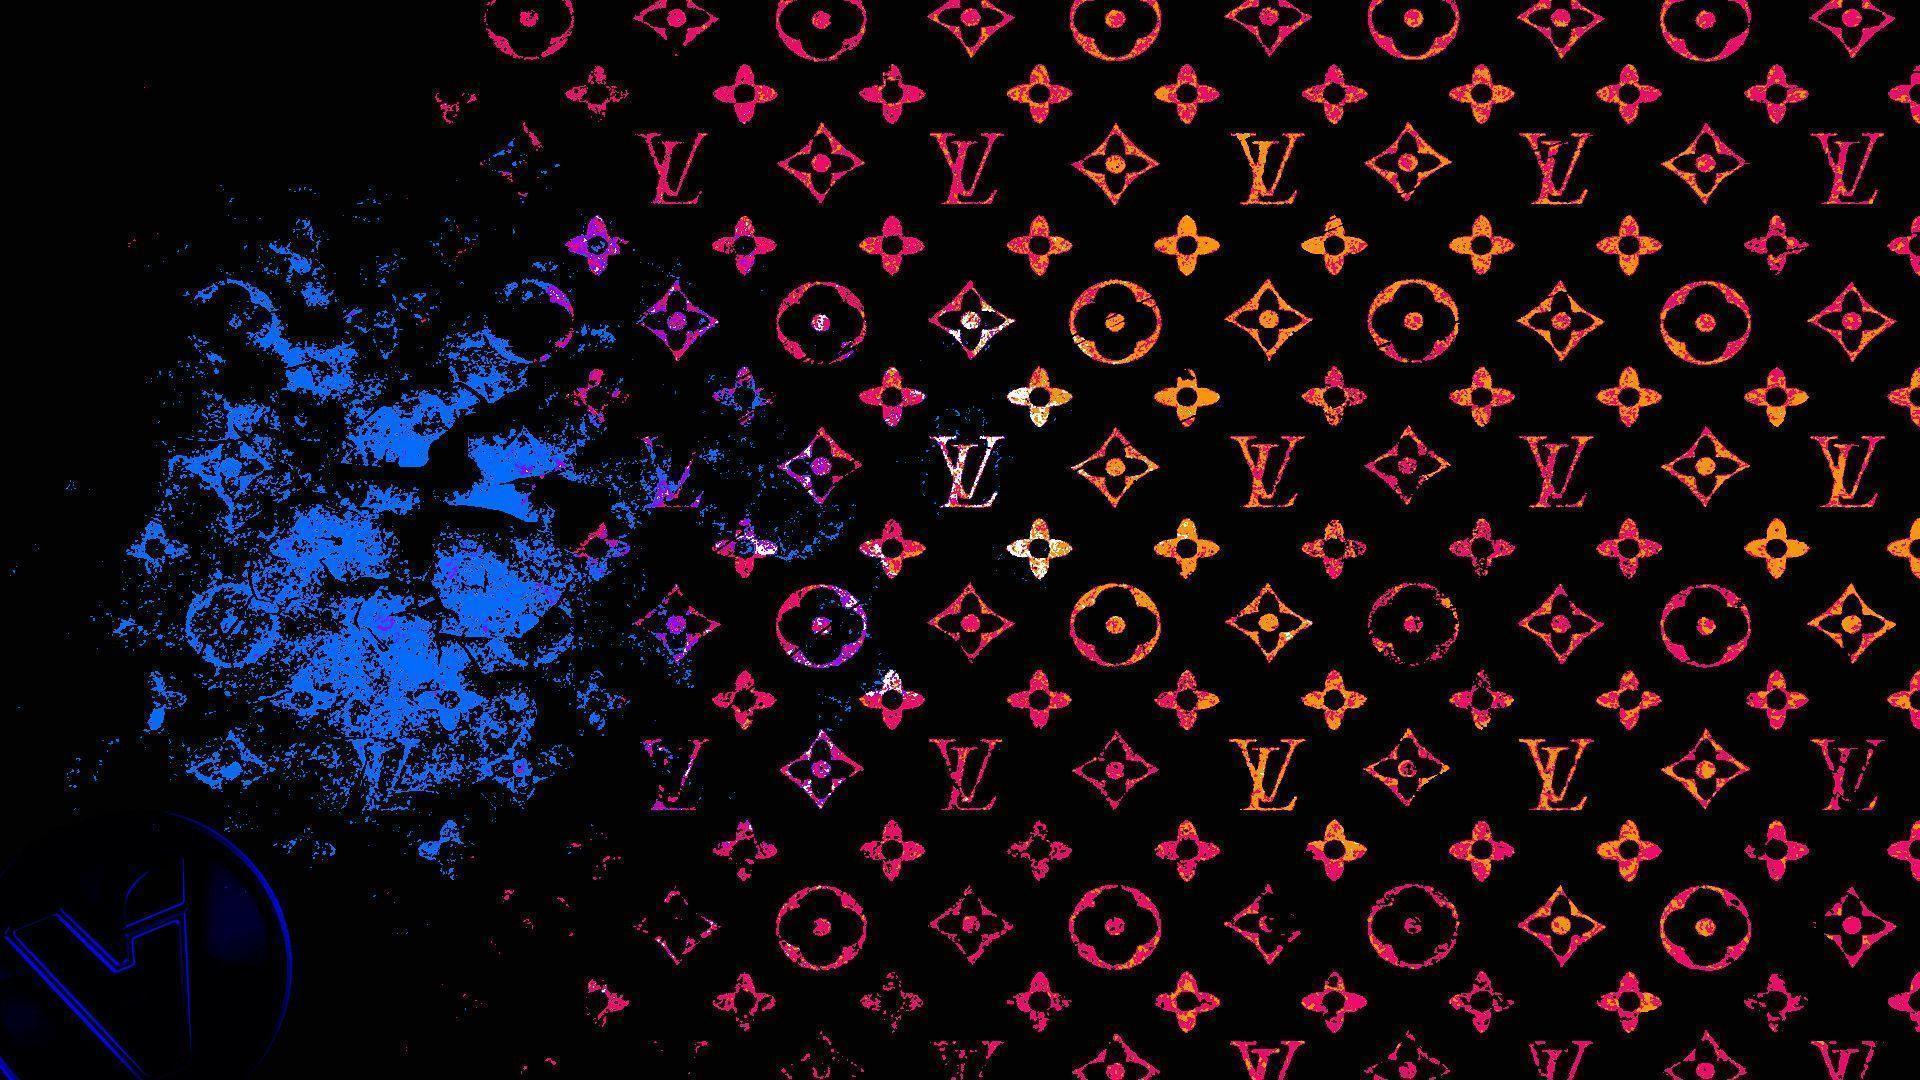 2568a8009c1b7 1920x1080 Supreme Louis Vuitton Wallpapers